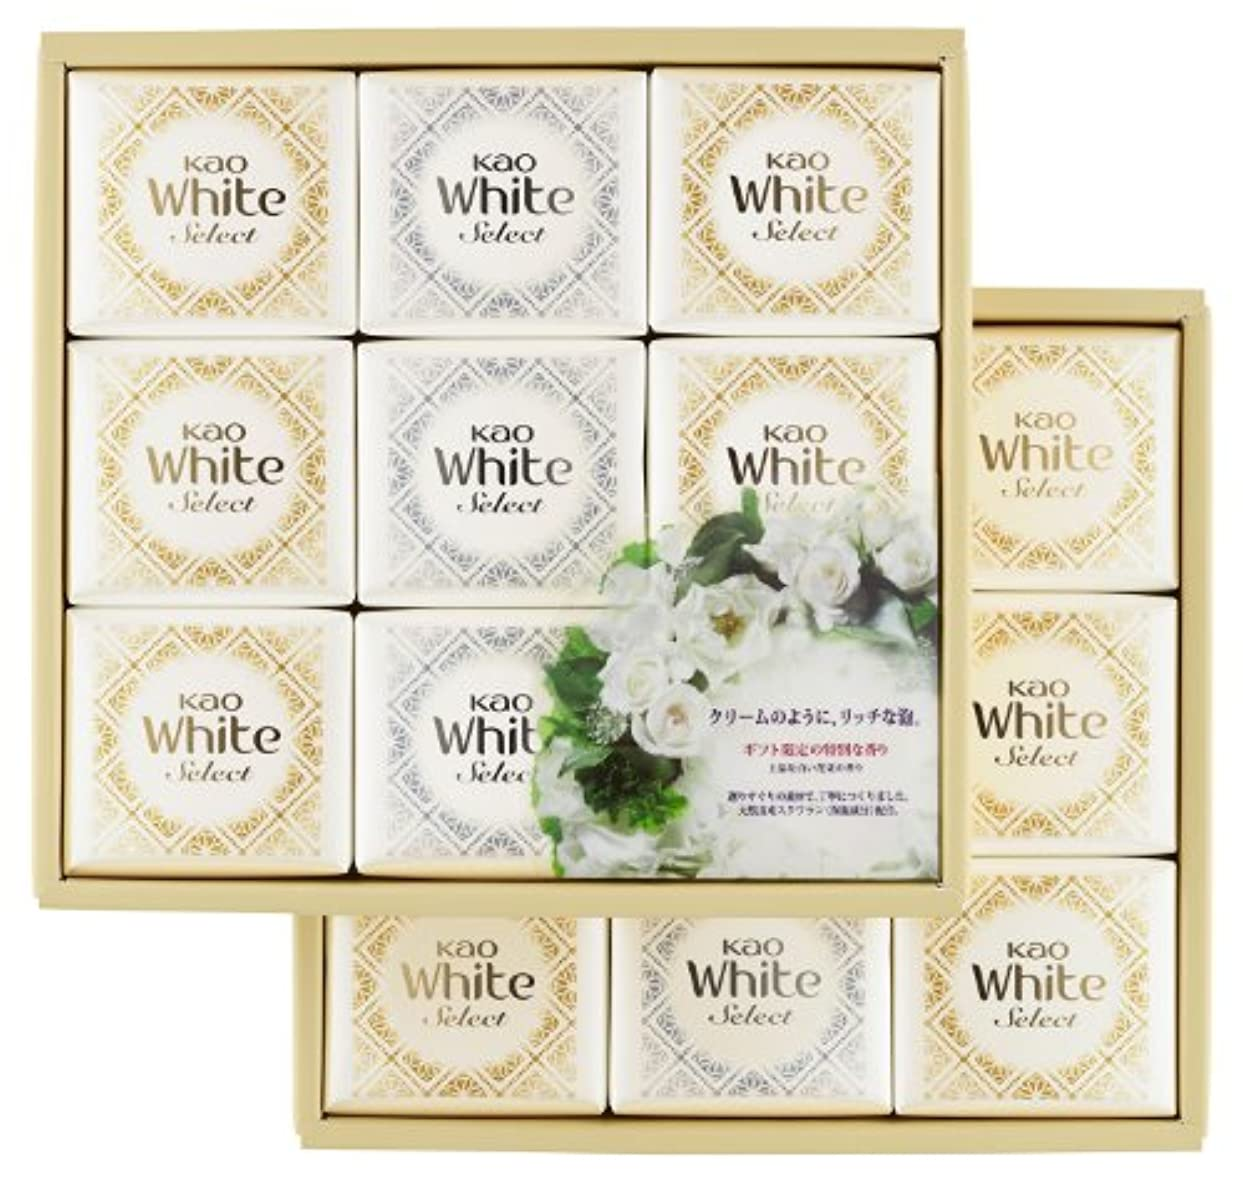 爆発葡萄哲学博士花王ホワイト セレクト 上品な白い花束の香り 85g 18コ K?WS-30